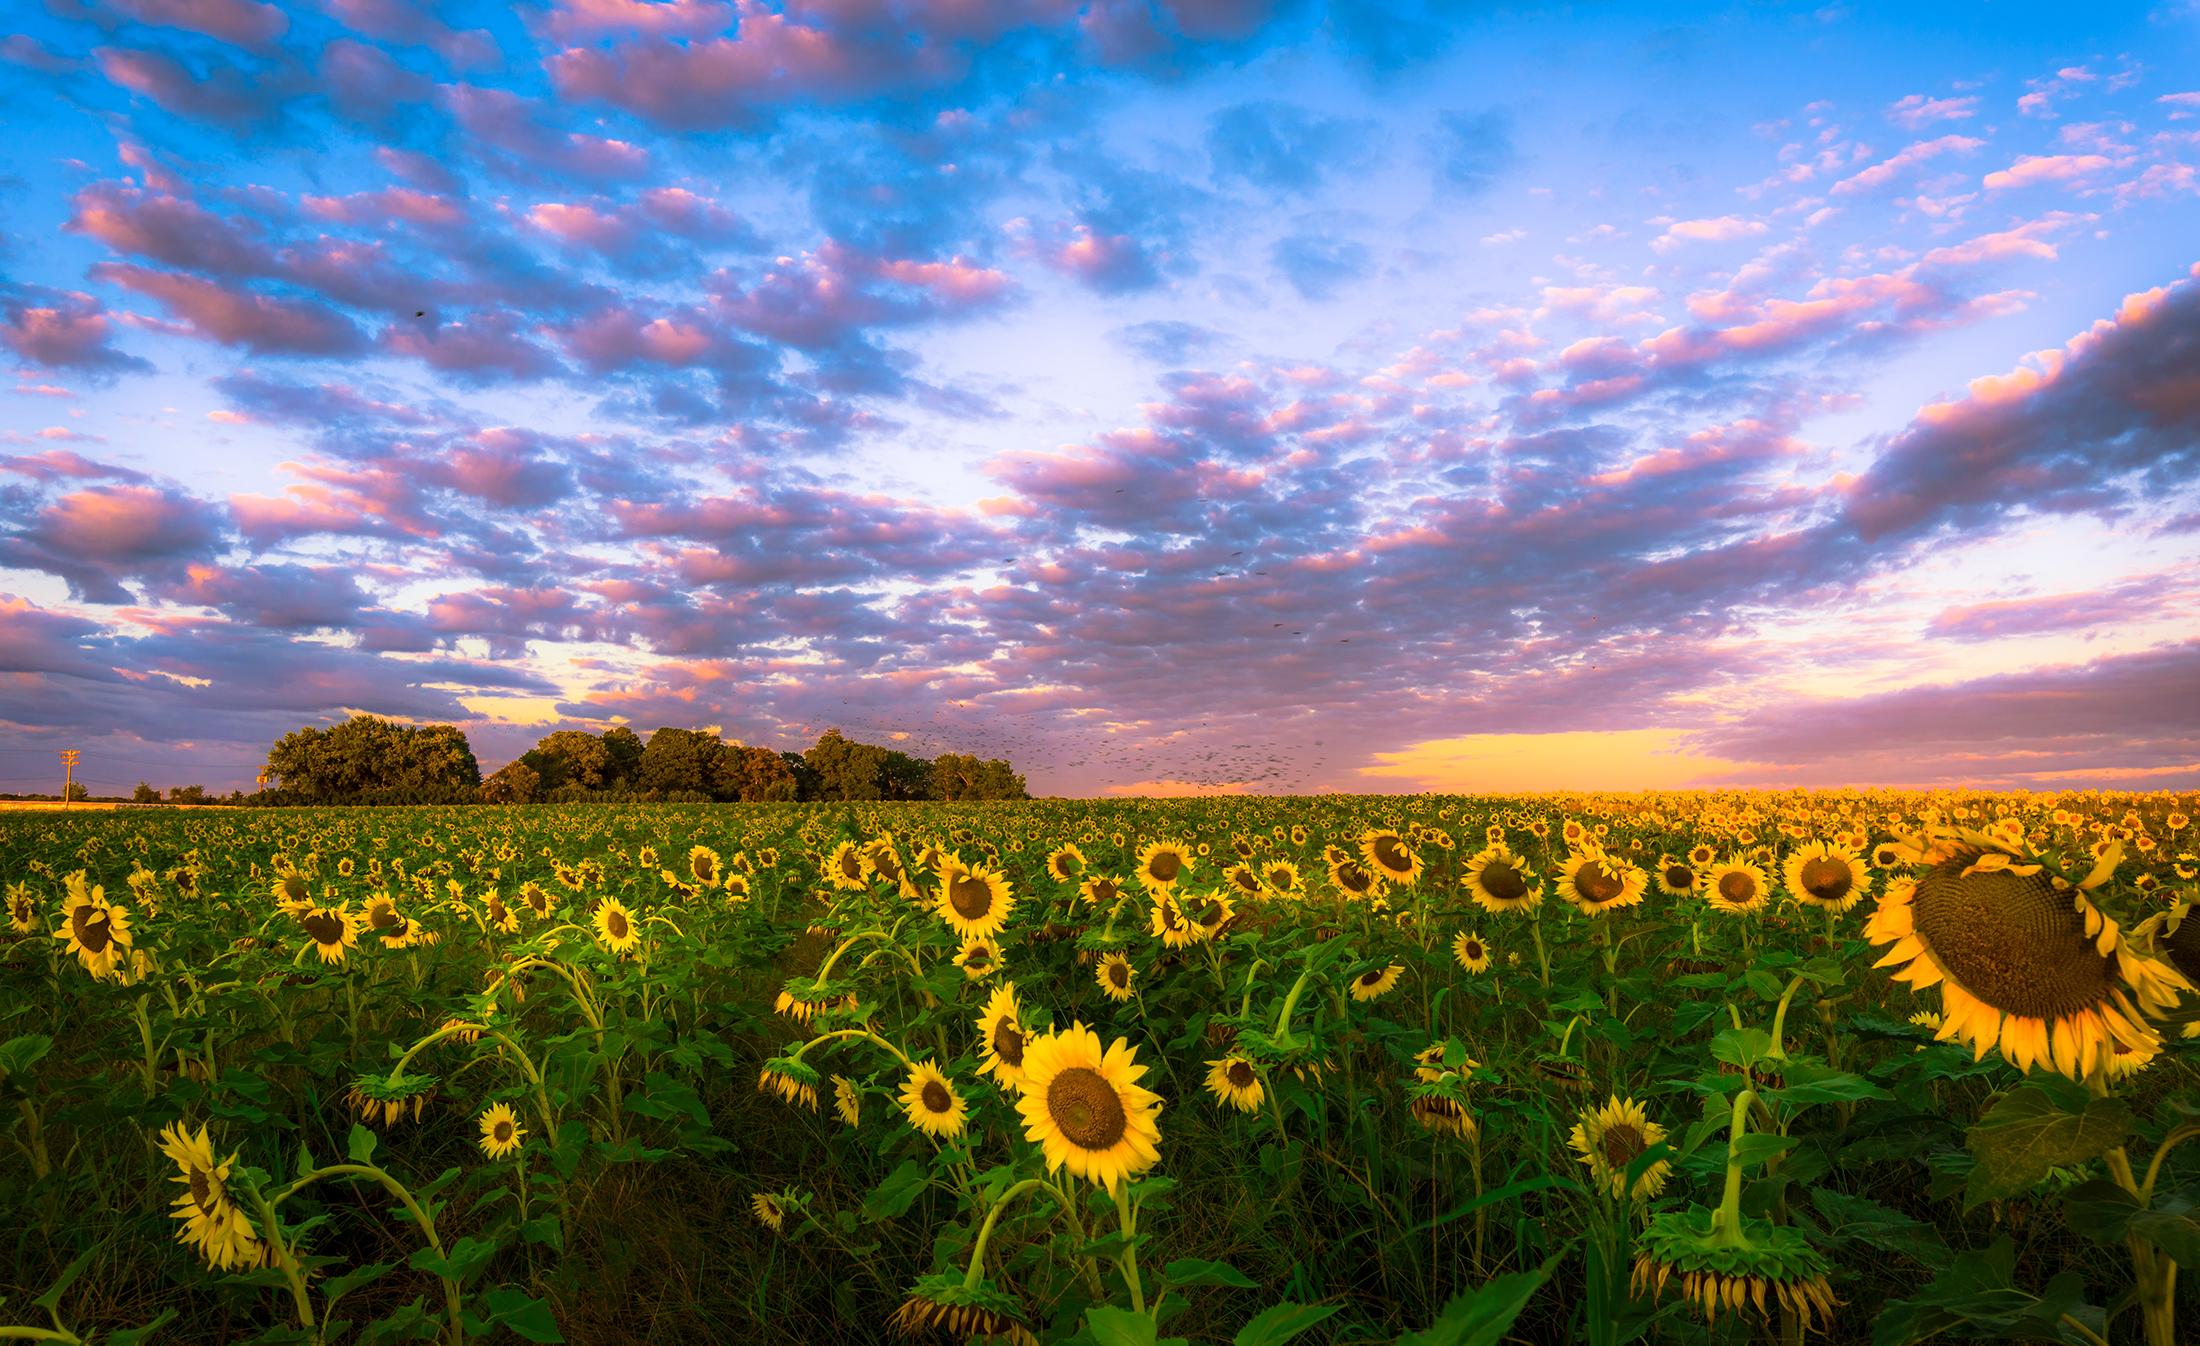 mattituck_sunflower_field.jpg